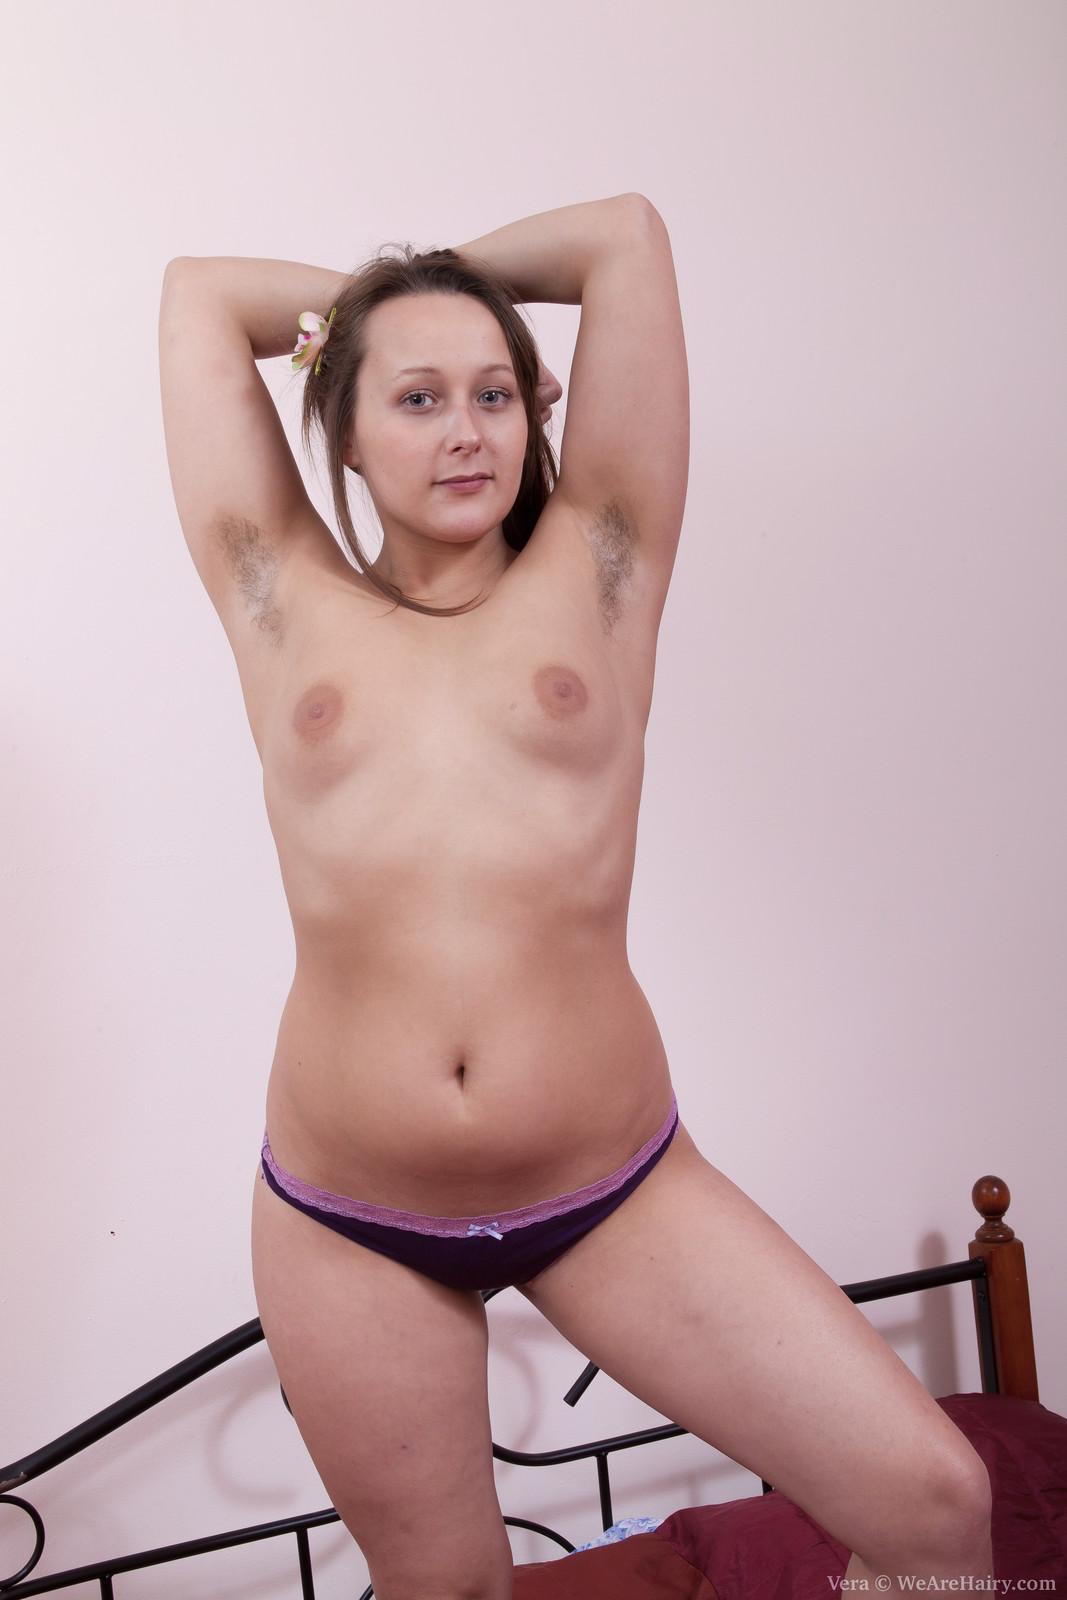 Nylon hot naked women pussy shows gomez